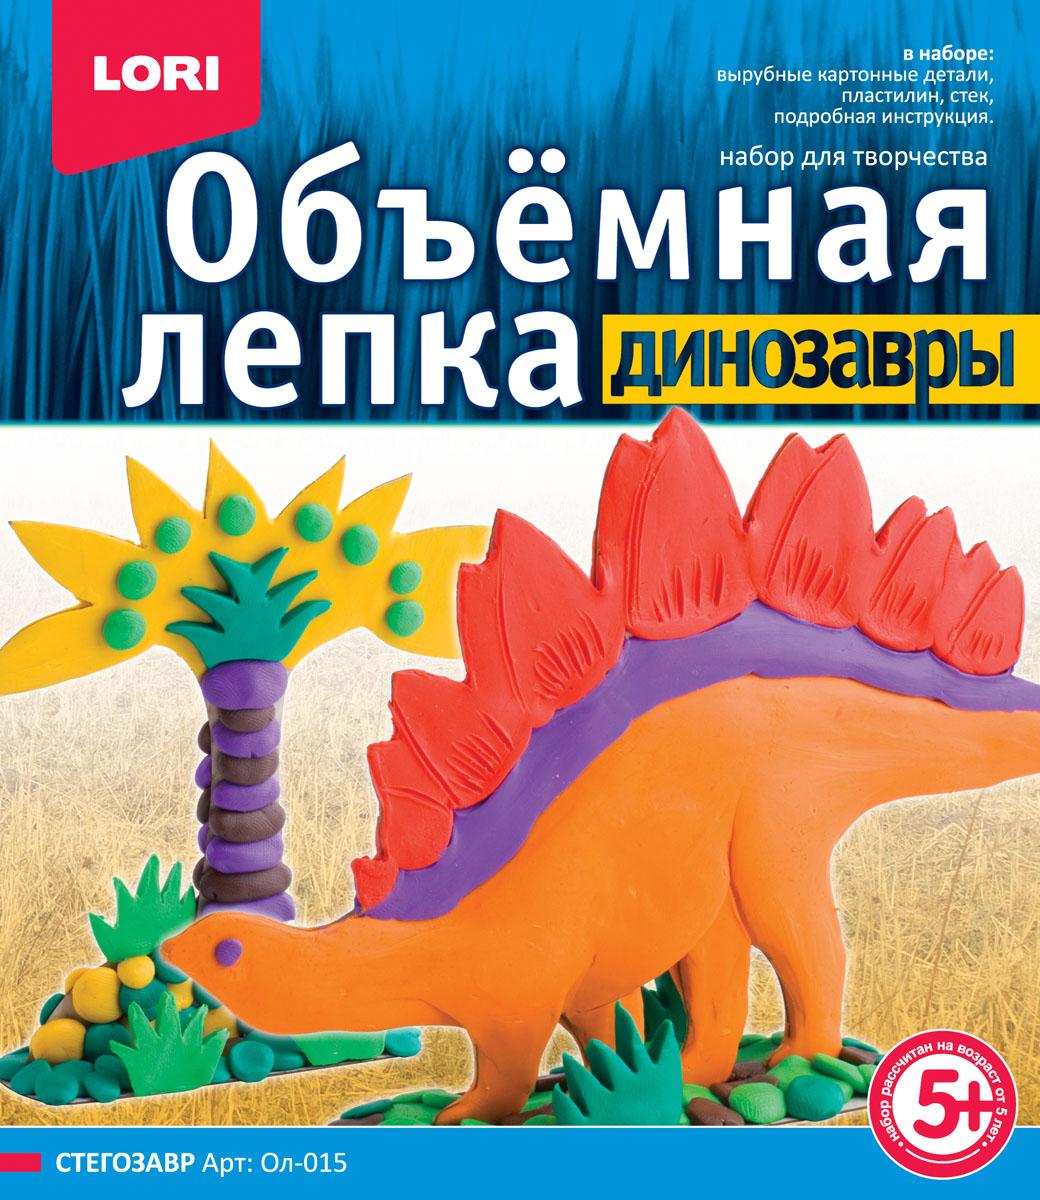 Lori Лепка объемная.Динозавры СтегозаврОл-015Серия наборов «Зоопарк» дарит увлекательное и полезное занятие юным любителям лепки! Картонные детали, входящие в набор, необходимо облепить пластилином и соединить их согласно инструкции – получится объёмная фигурка животного или птицы. В процессе их изготовления у ребёнка формируется понятие о цвете, развивается мелкая моторика, внимание, образное мышление, усидчивость.